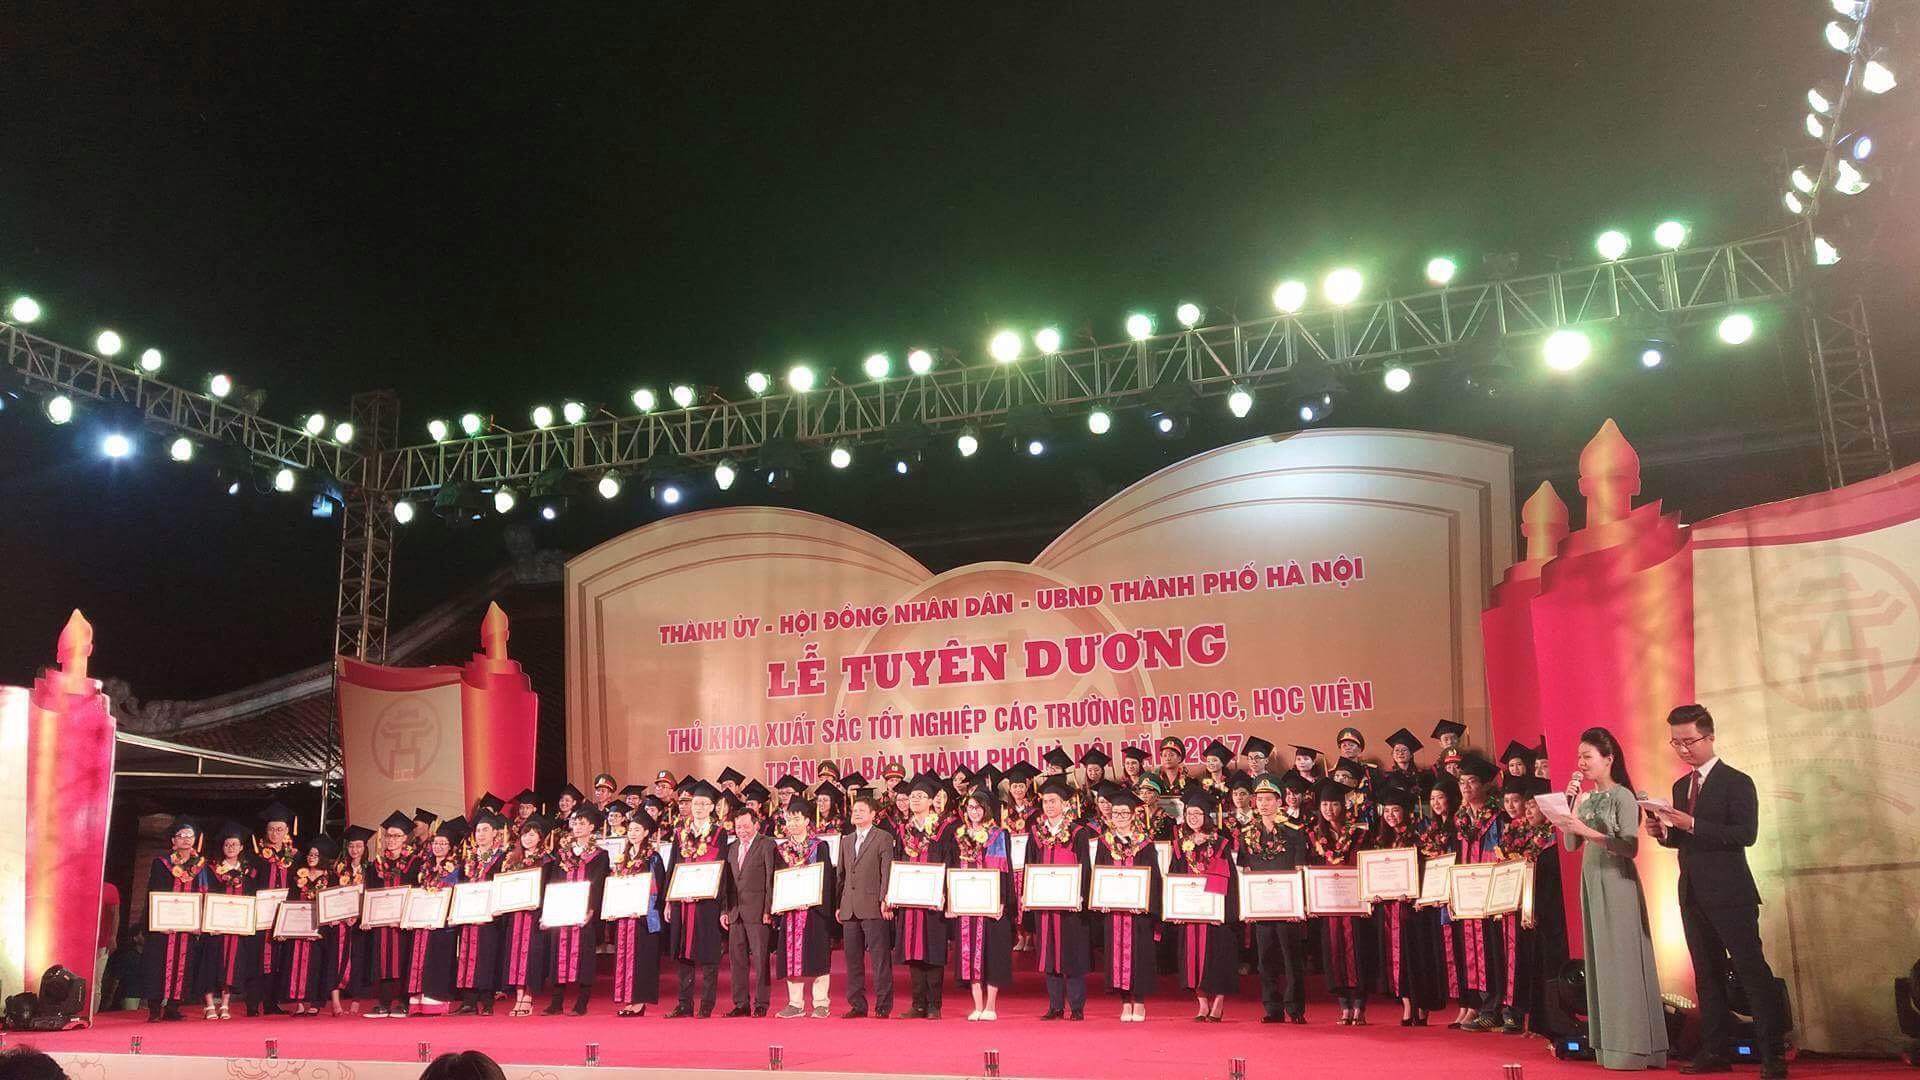 Đại diện sinh viên trường ĐHVHHN được tuyên dương thủ khoa xuất sắc tốt nghiệp các trường đại học, học viện ở Hà Nội năm 2017